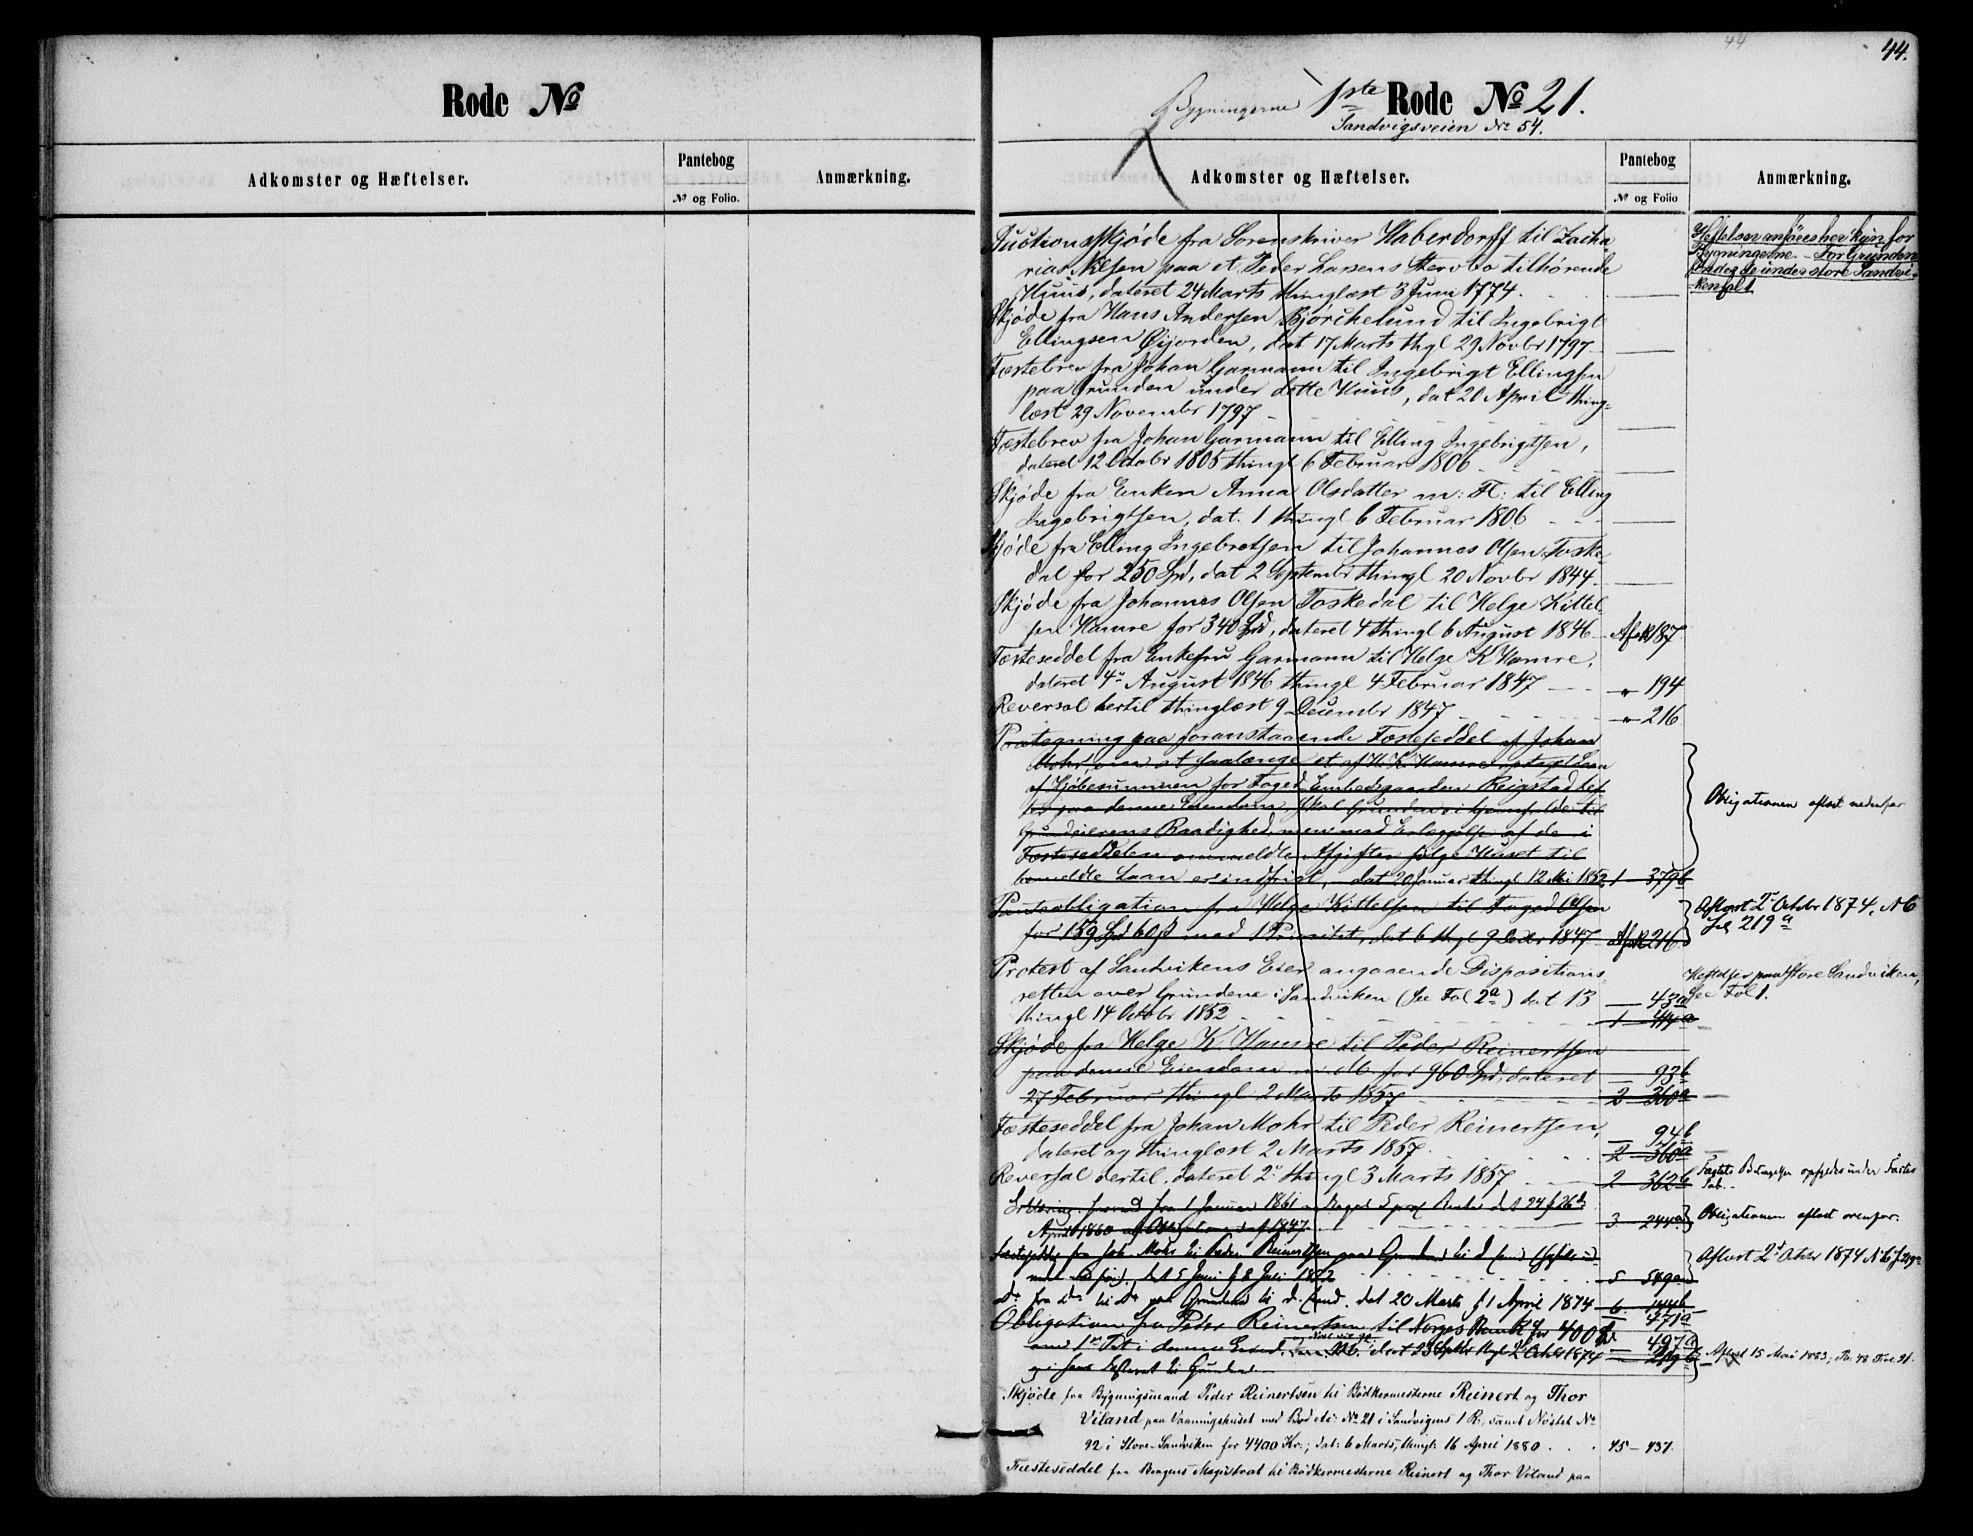 SAB, Byfogd og Byskriver i Bergen, 03/03AdC/L0019a: Panteregister nr. A.d.C.19, 1774-1861, s. 44